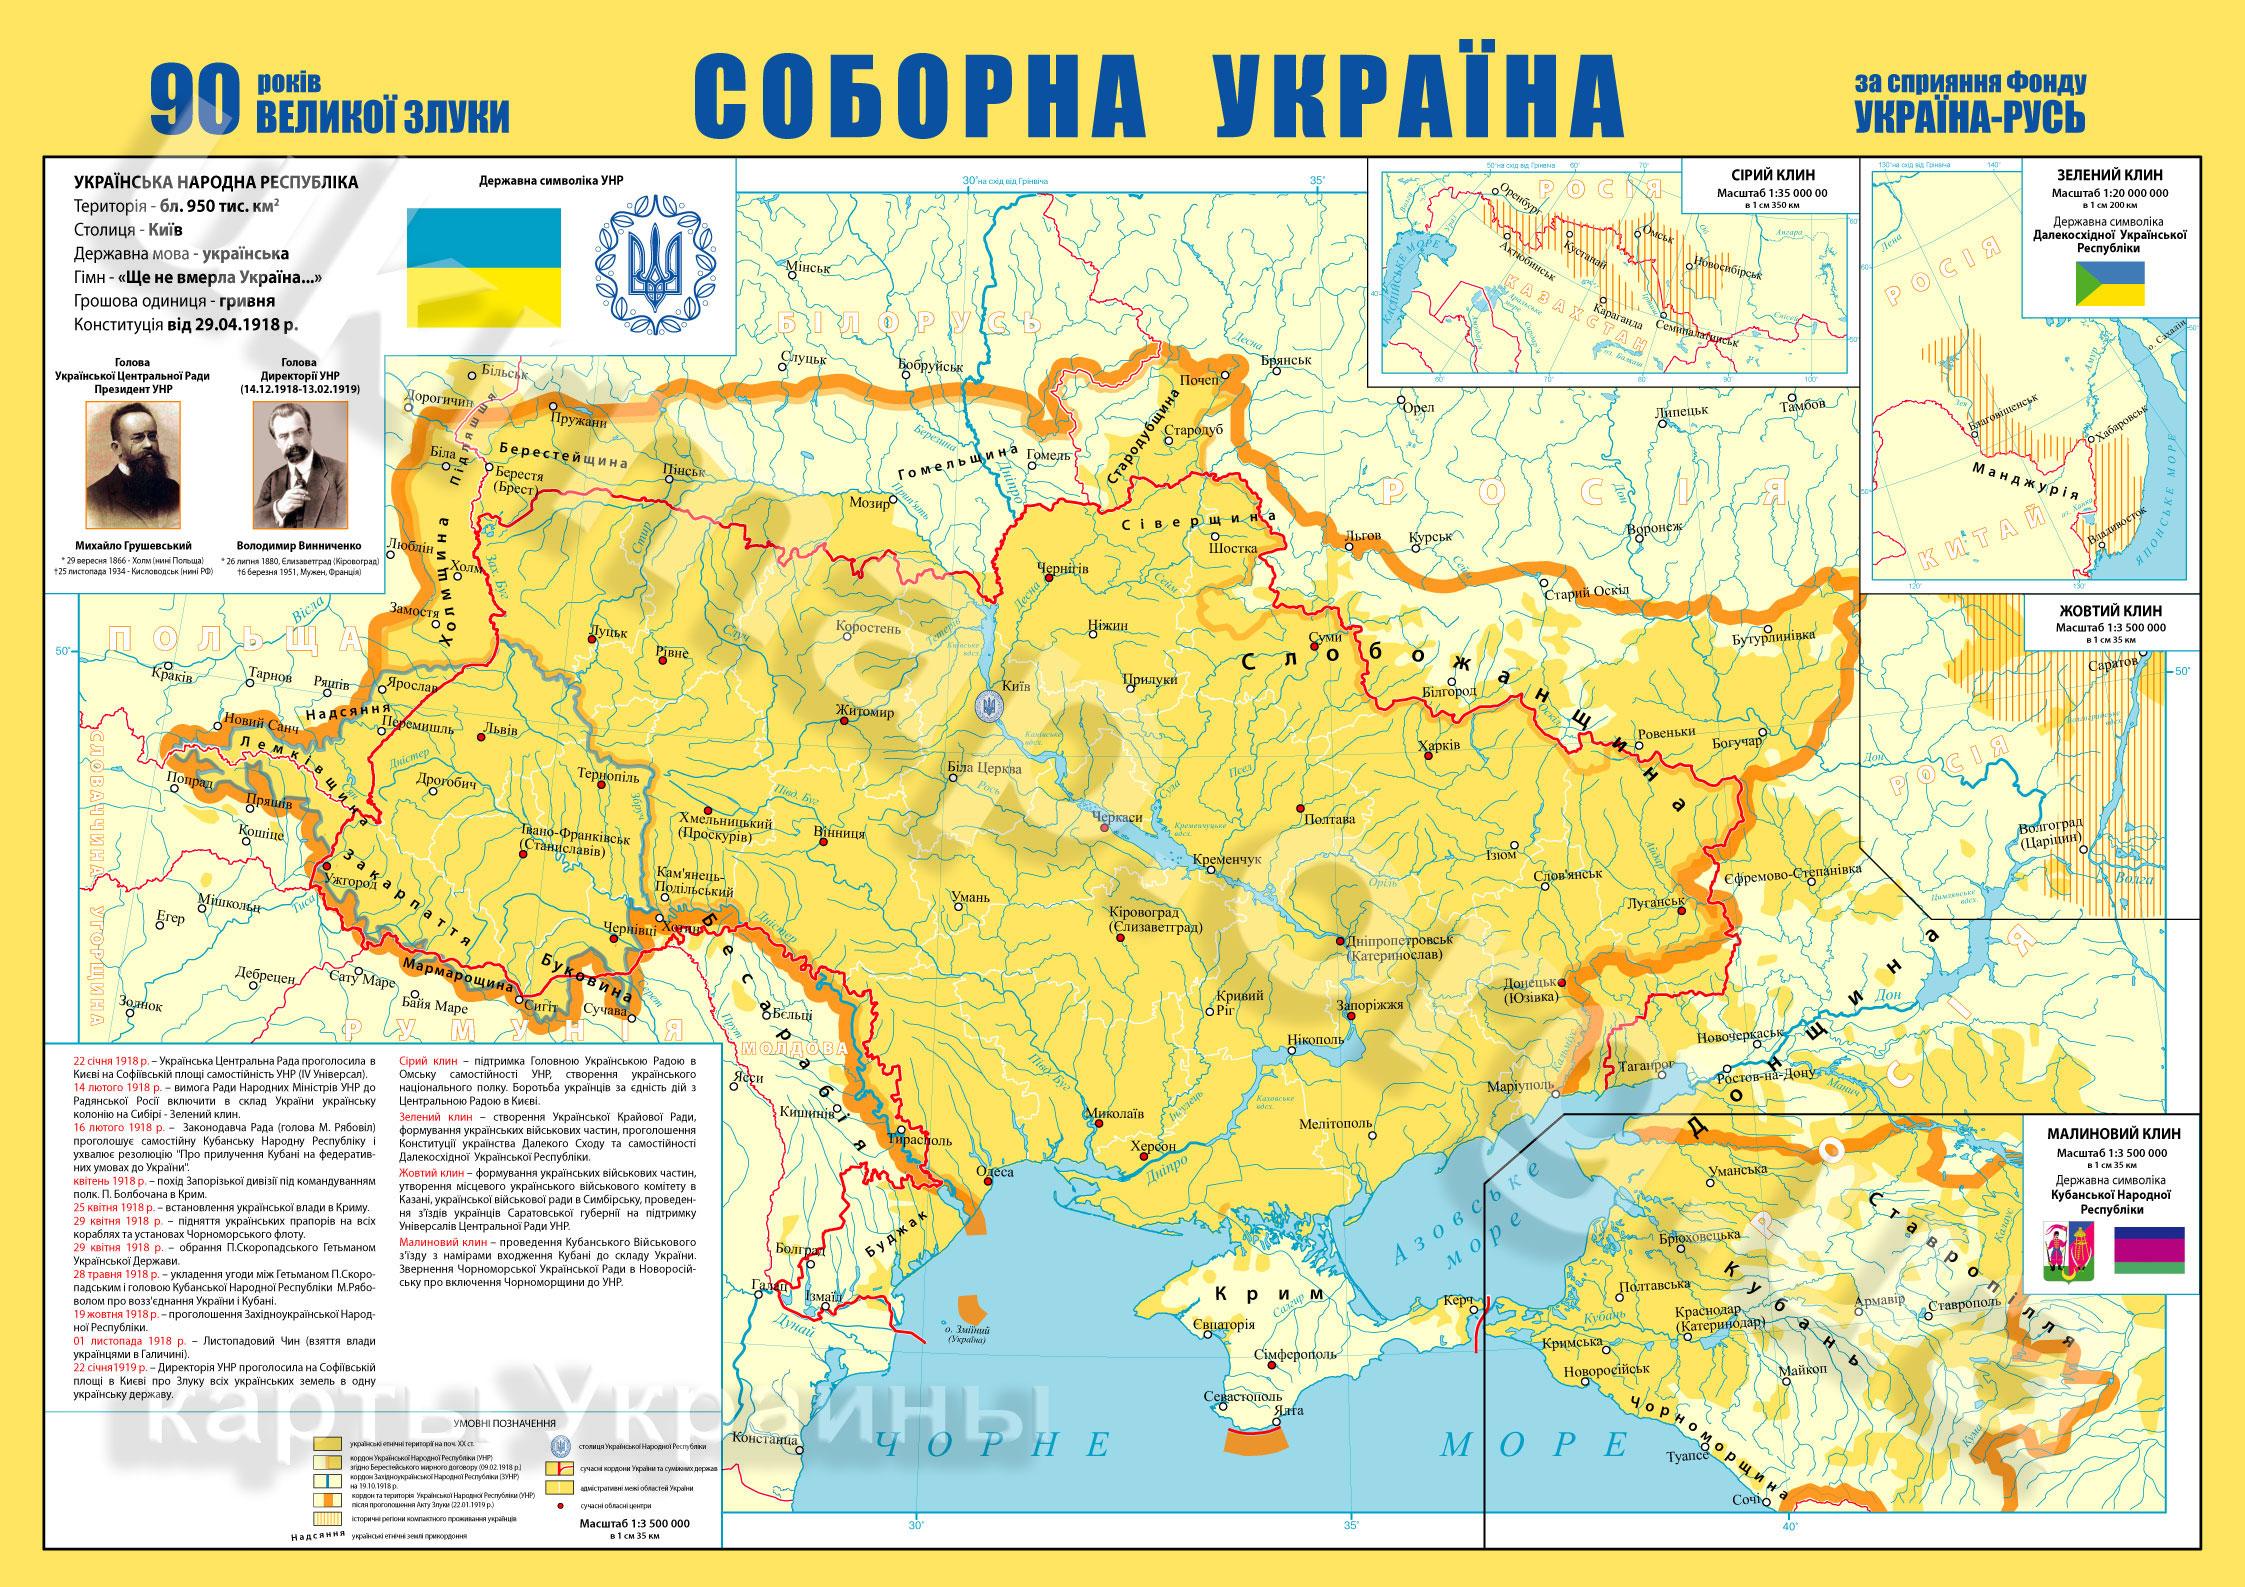 Референдум 1991 года о предоставлении Закарпатью особого статуса был незаконным, - Москаль - Цензор.НЕТ 4145